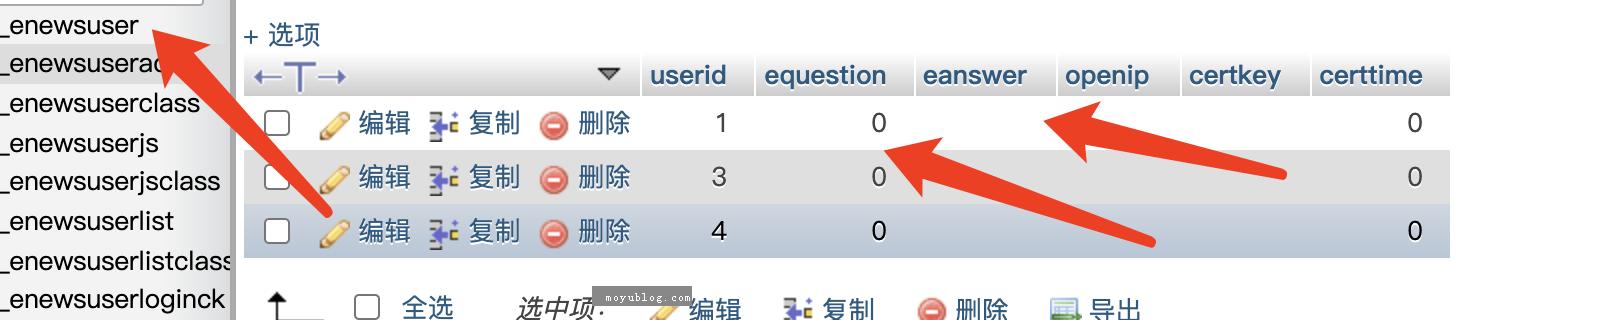 帝国cms7.5忘记登录密码以及多次登录失败被锁定终极解决办法-更新